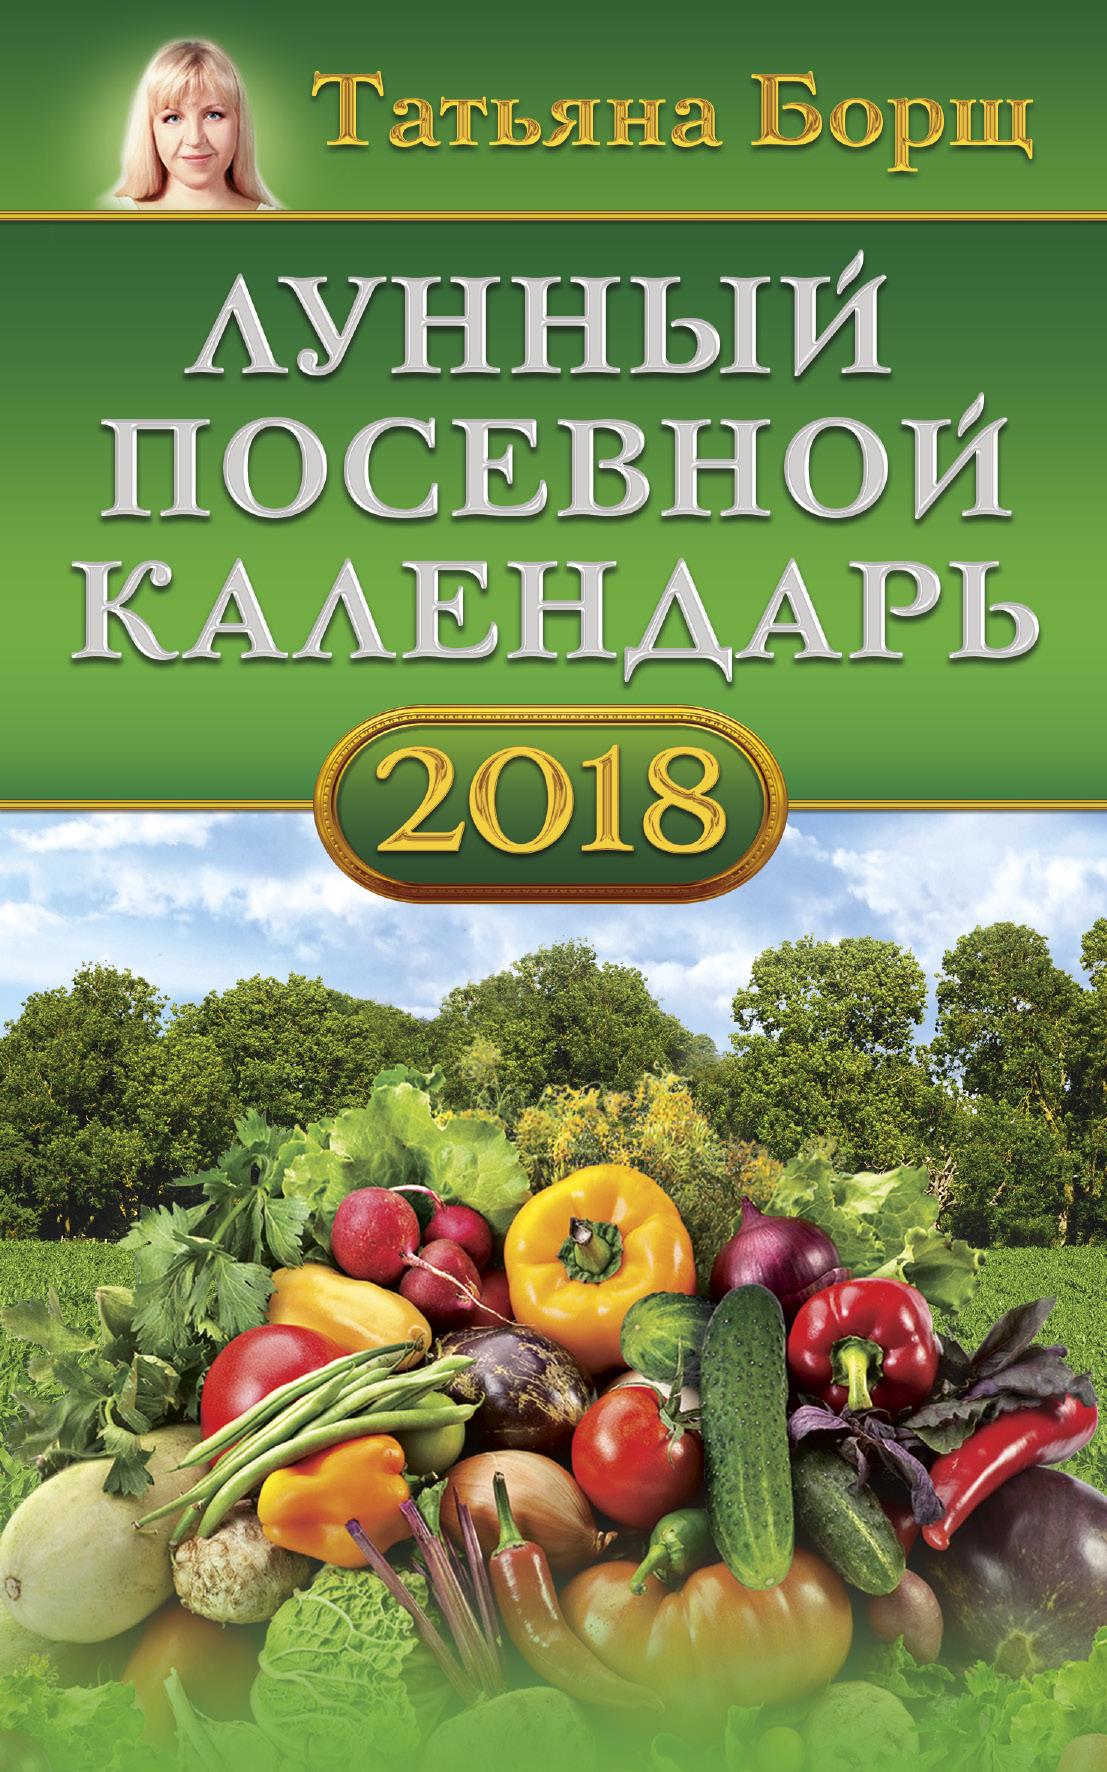 Борщ Татьяна Лунный посевной календарь на 2018 год